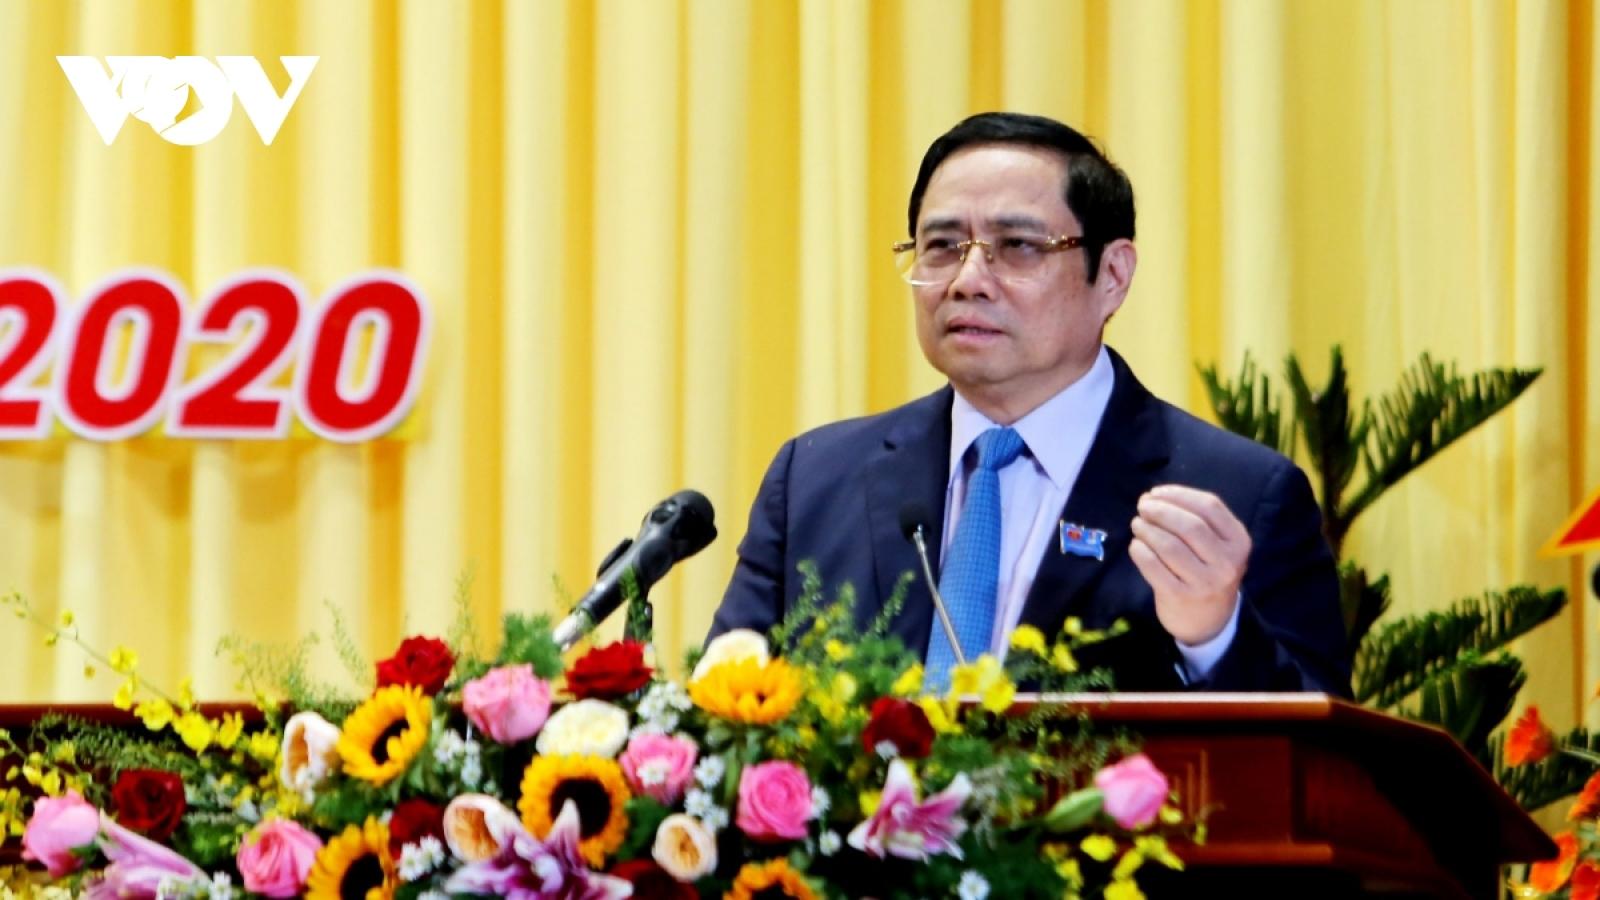 Ông Phạm Minh Chính dự và chỉ đạo Đại hội Đảng bộ tỉnh Sóc Trăng